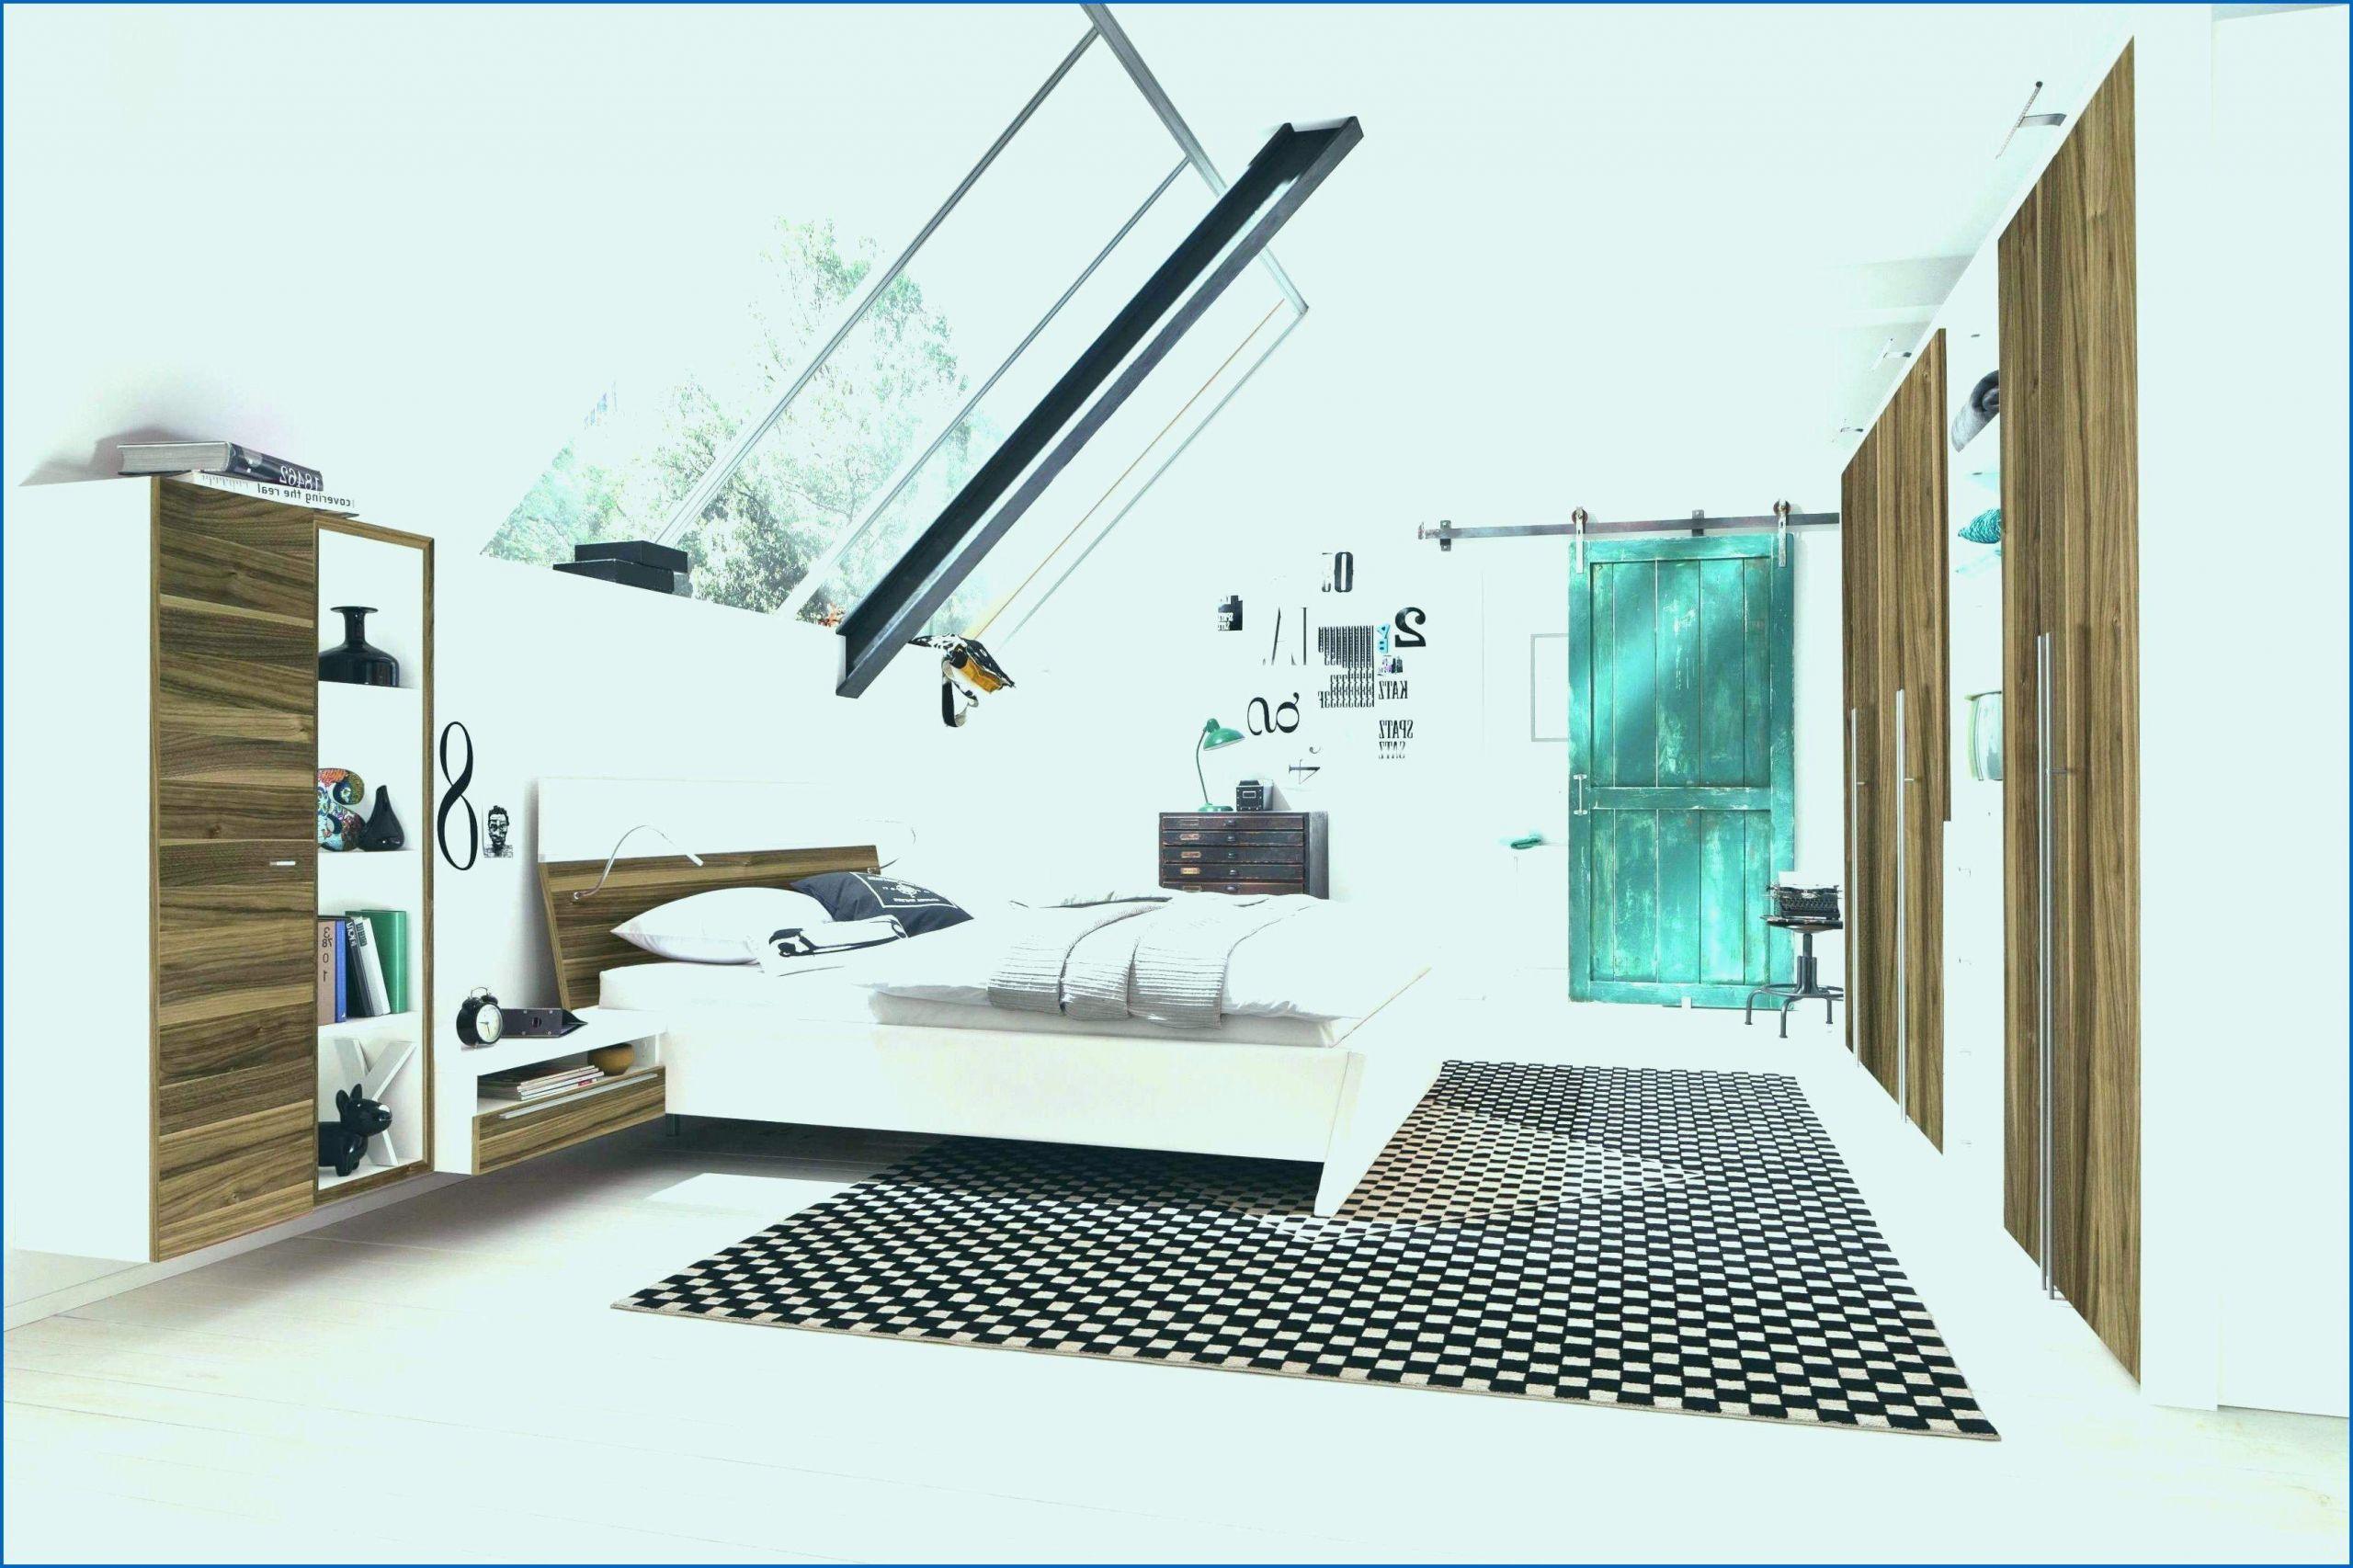 dekoration wohnzimmer regal neu 39 luxurios und gemutlich dekoration wohnzimmer regal of dekoration wohnzimmer regal scaled